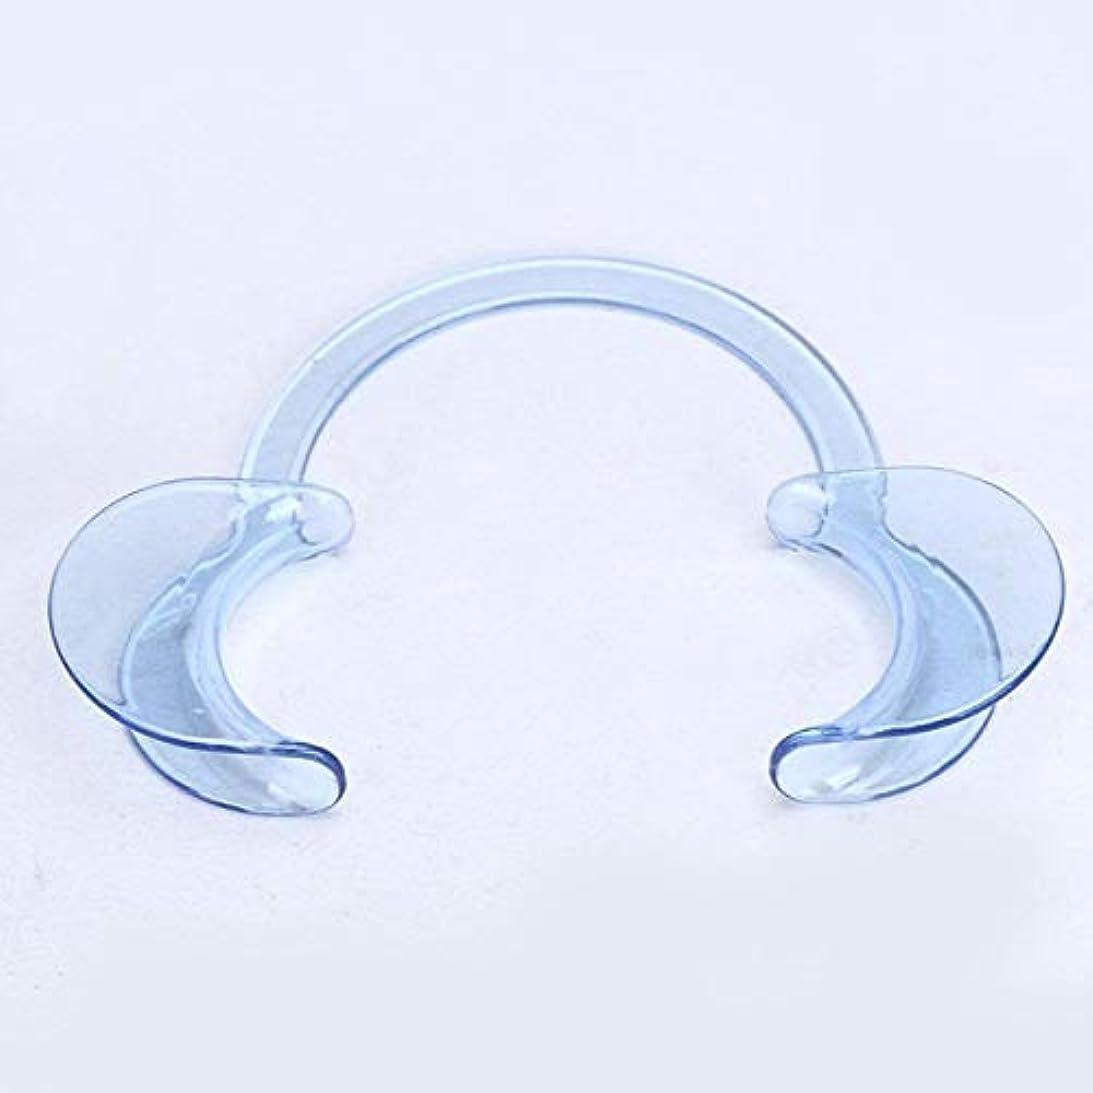 次へフェード貴重なDC パック 歯科 C型 開口器 口オープナー マウスオープナー 開口マウスオープナー C型ホワイトニング口の開創器